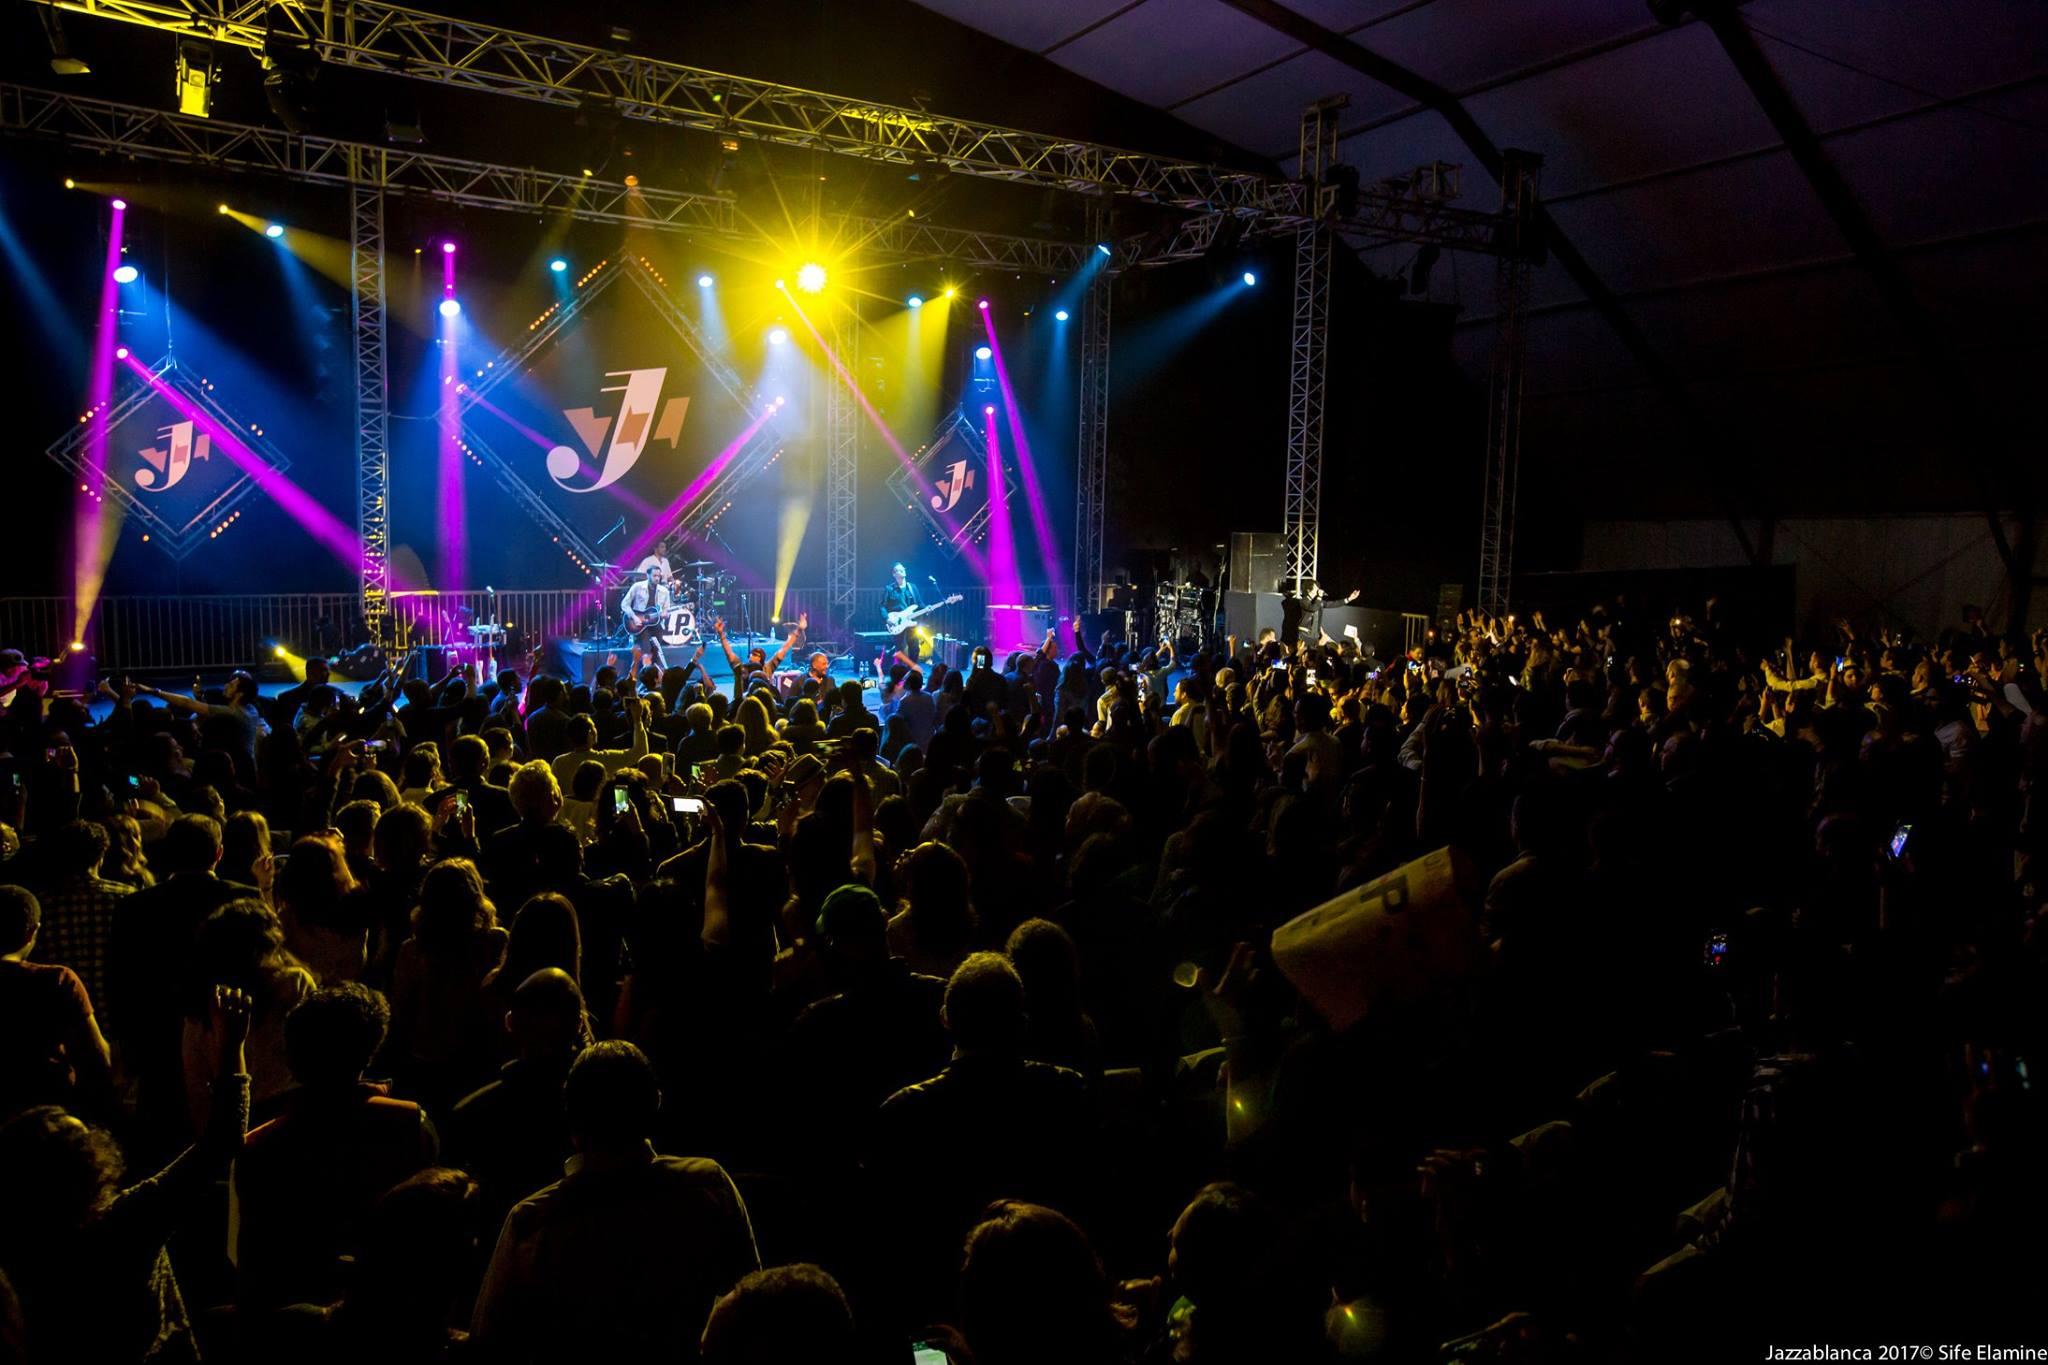 jazzablanca festival scene anfa